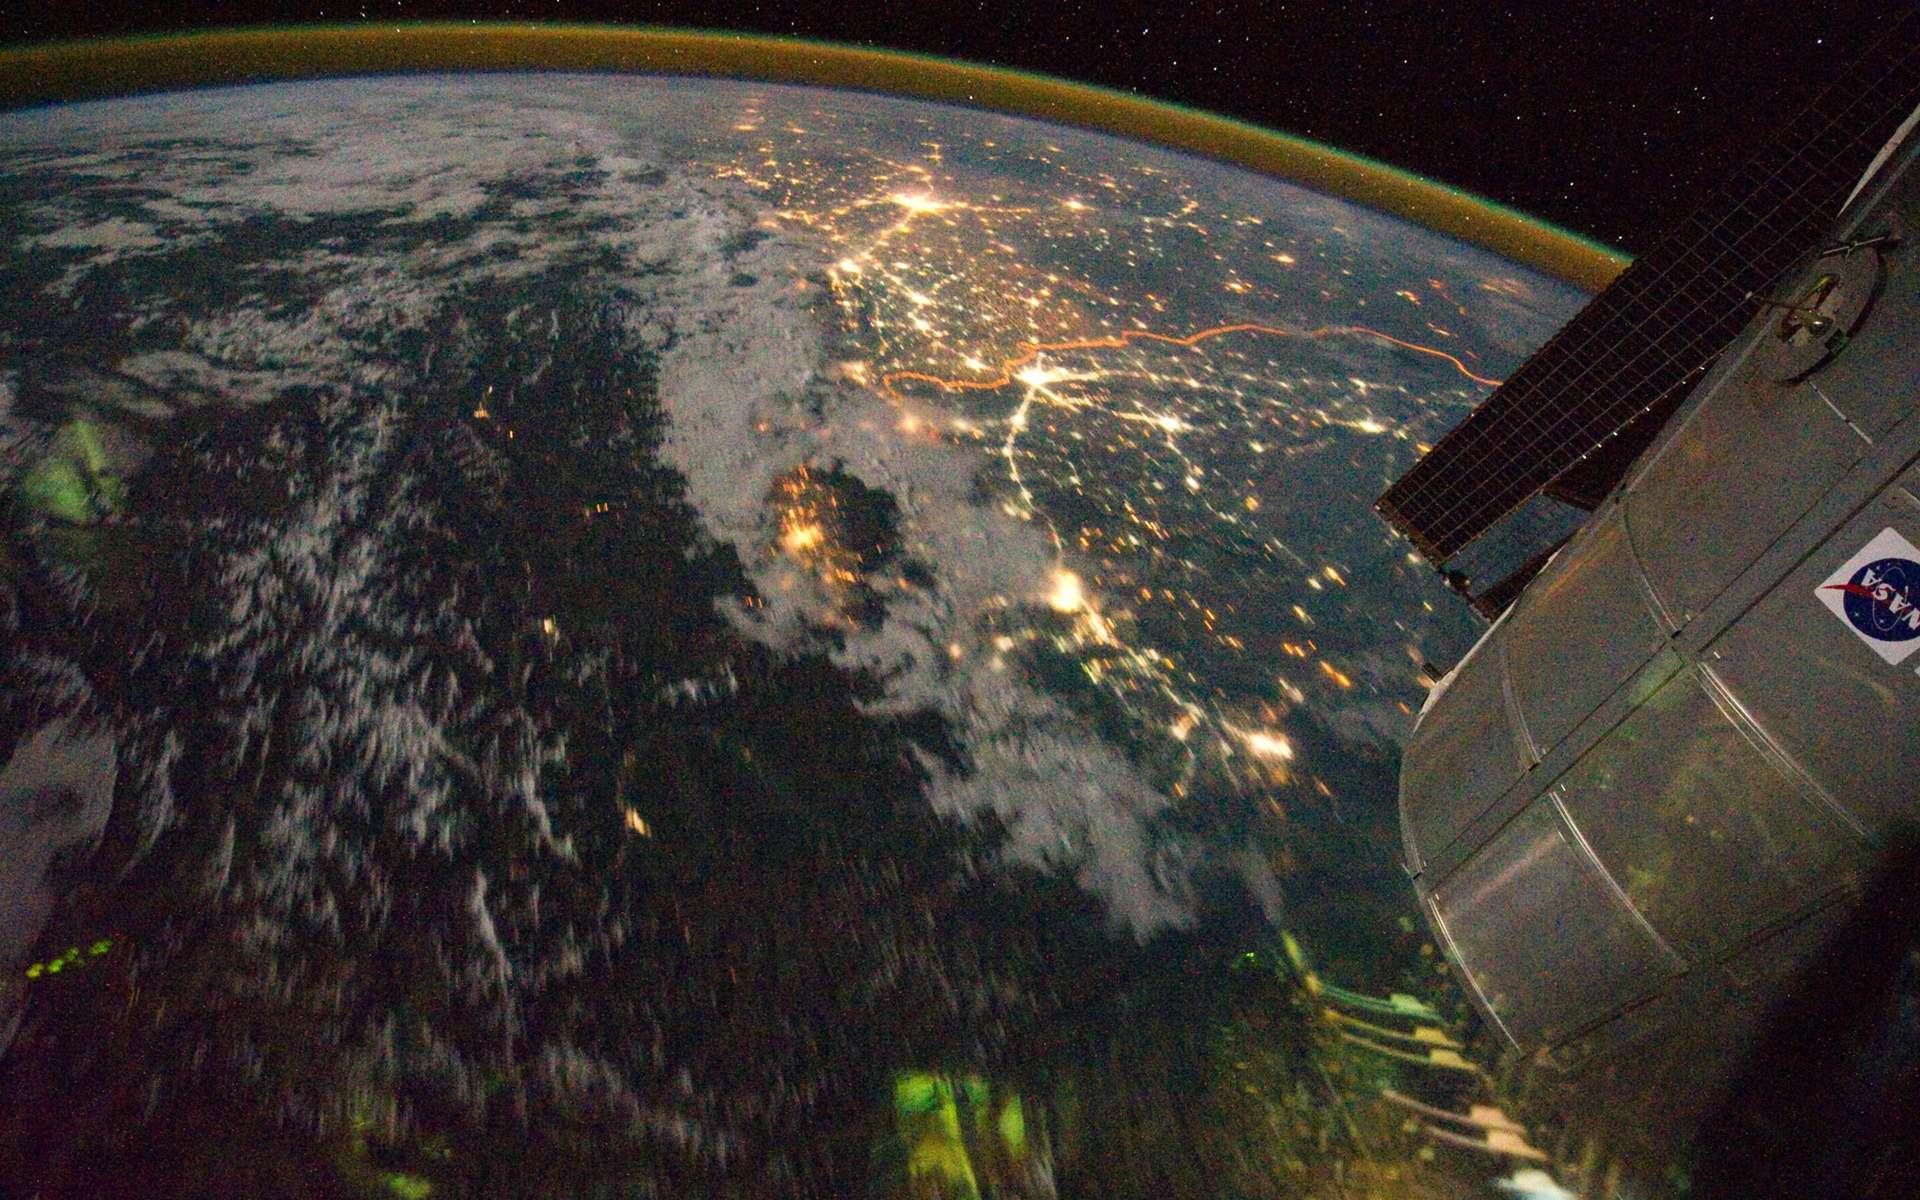 Survolée en aout 2011 par l'équipage 28 de l'ISS, la frontière indopakistanaise a été photographiée par les astronautes avec un objectif de 16 mm qui permet un large champ de vision. © Nasa